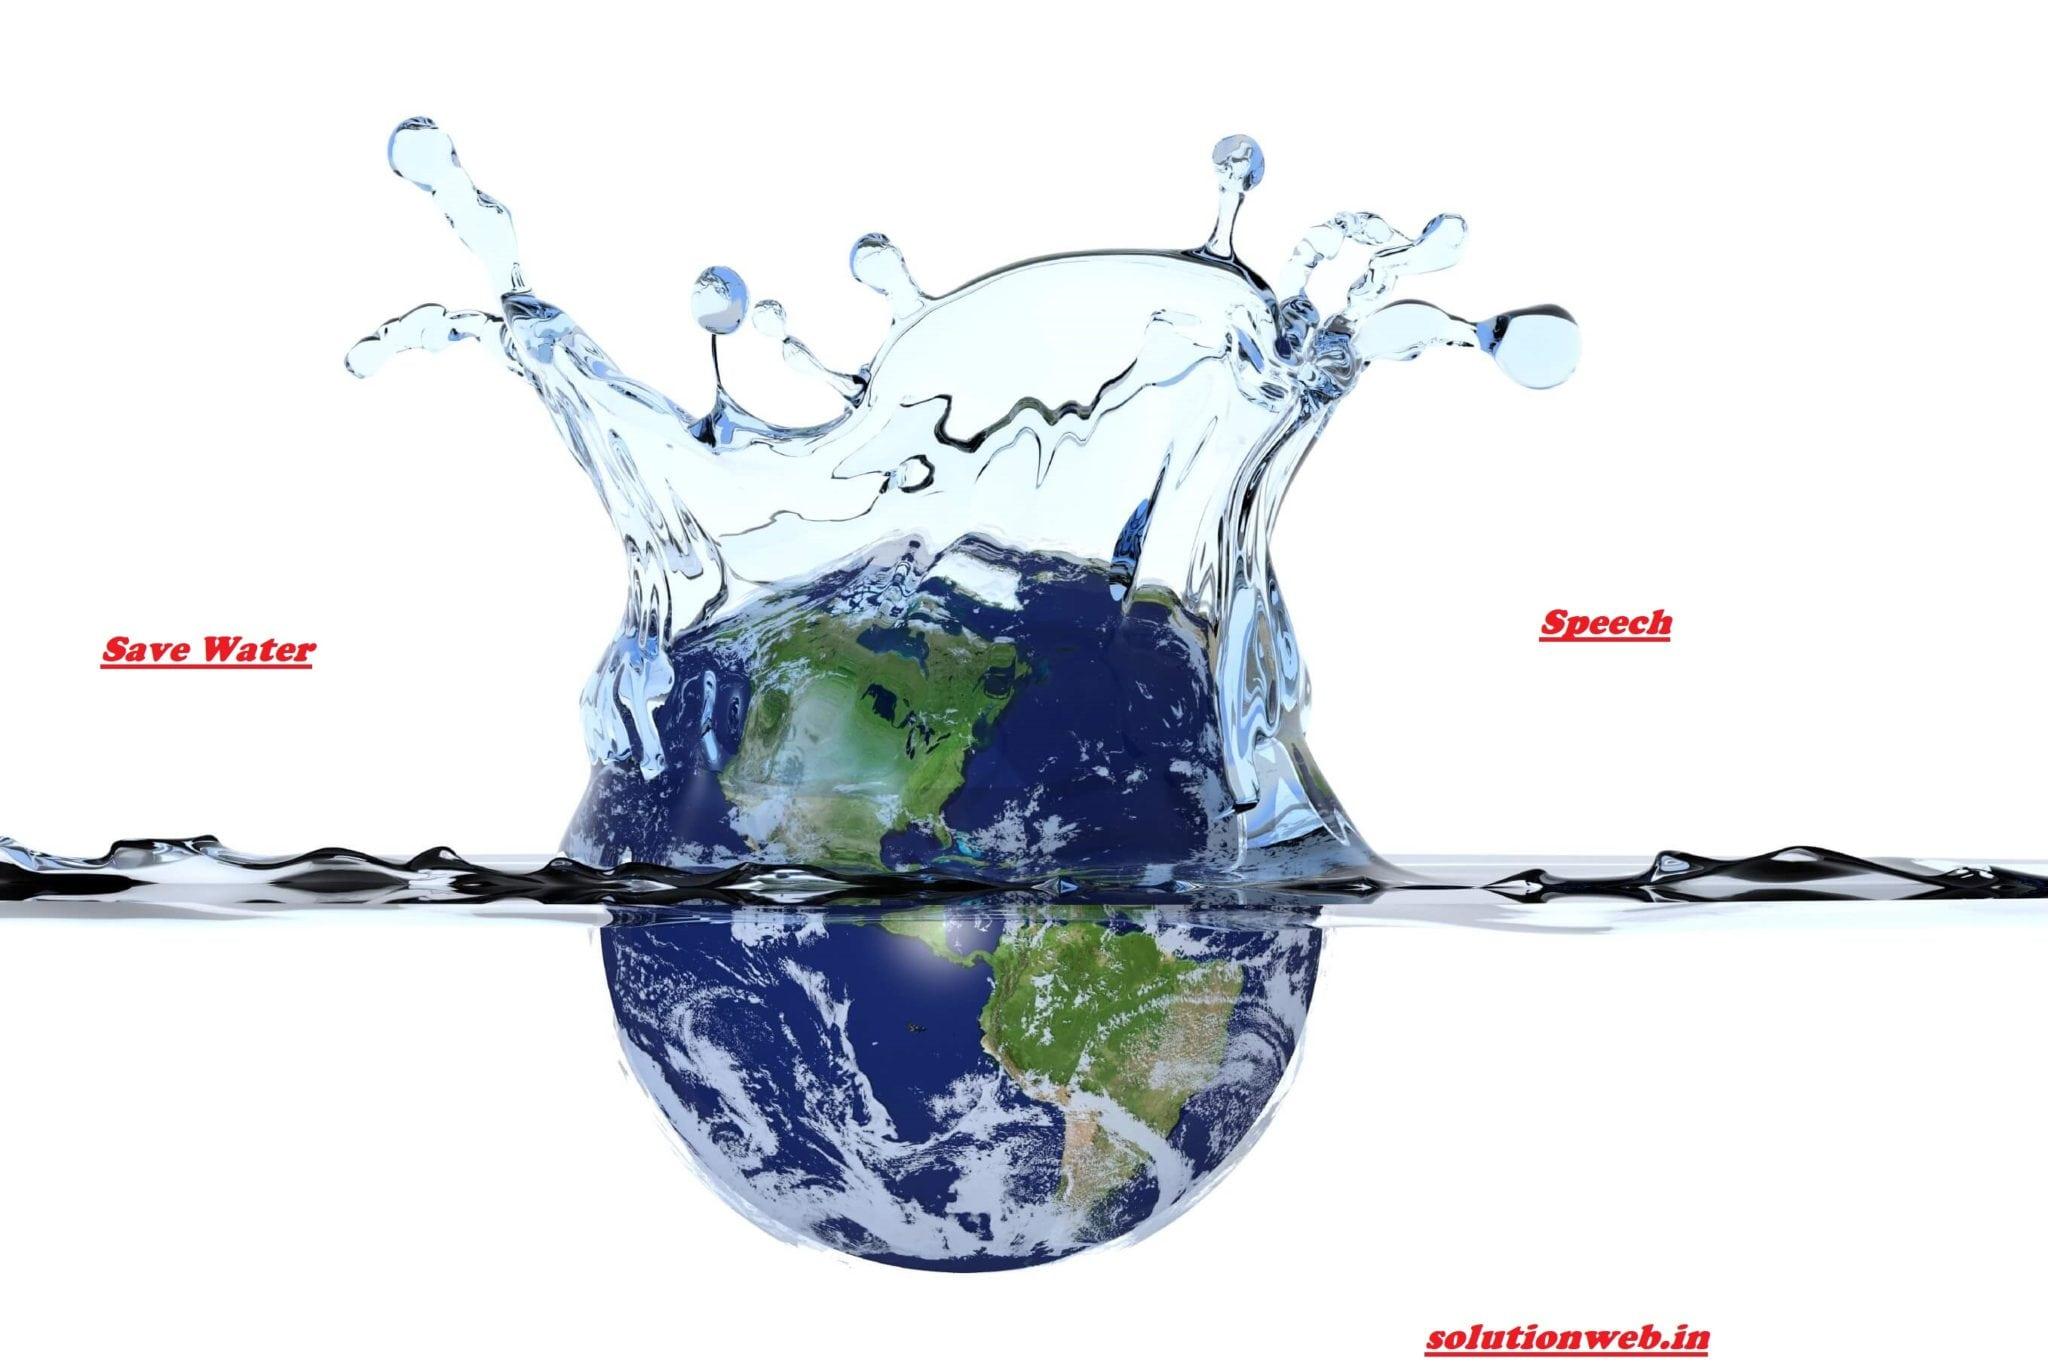 WATER DAY SPEECH